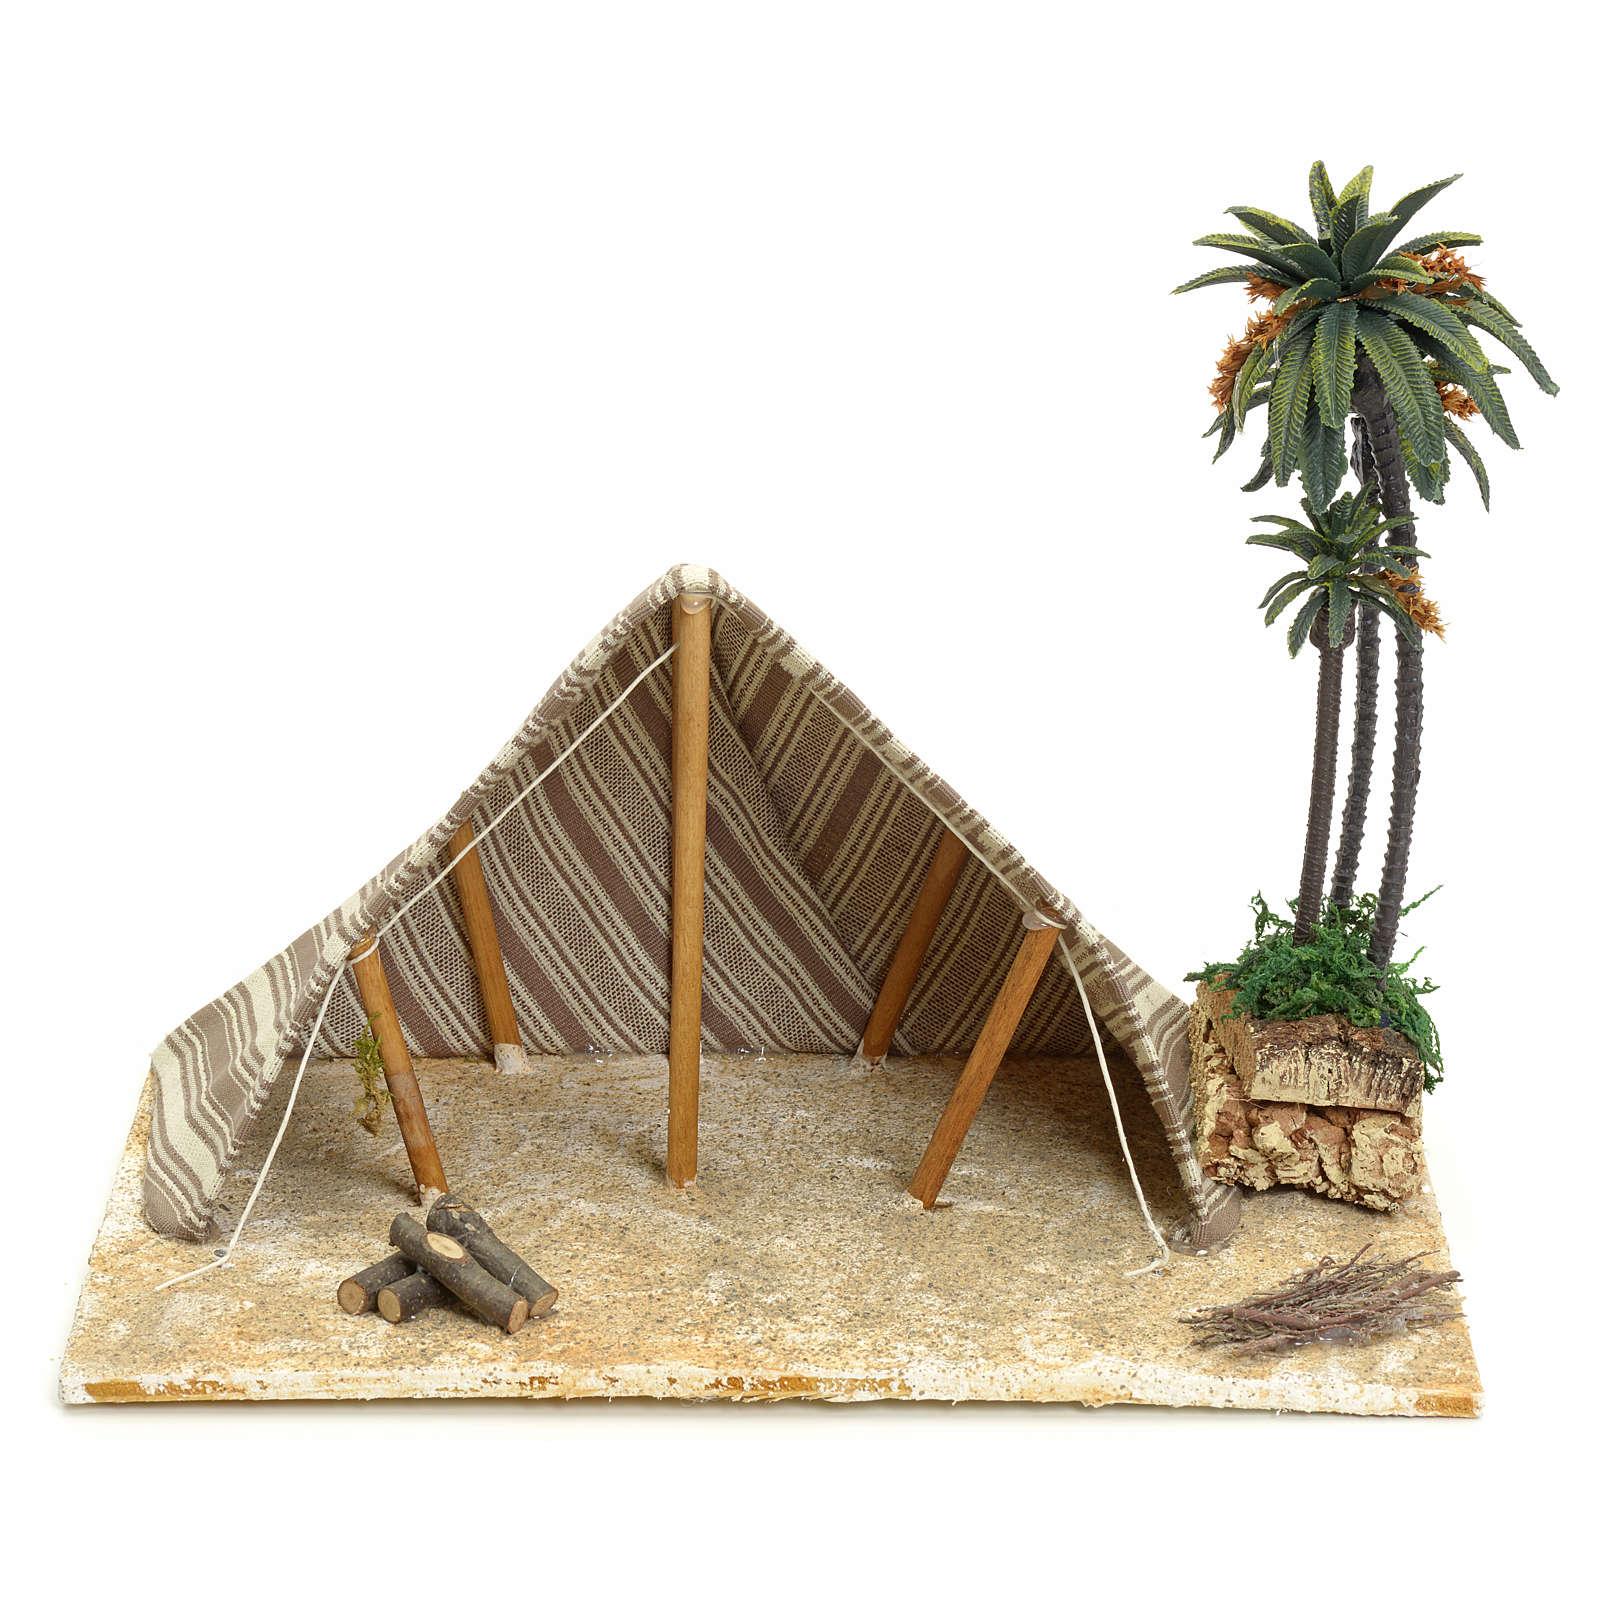 Tenda araba con palme: ambientazione per presepe 22x32x24 4